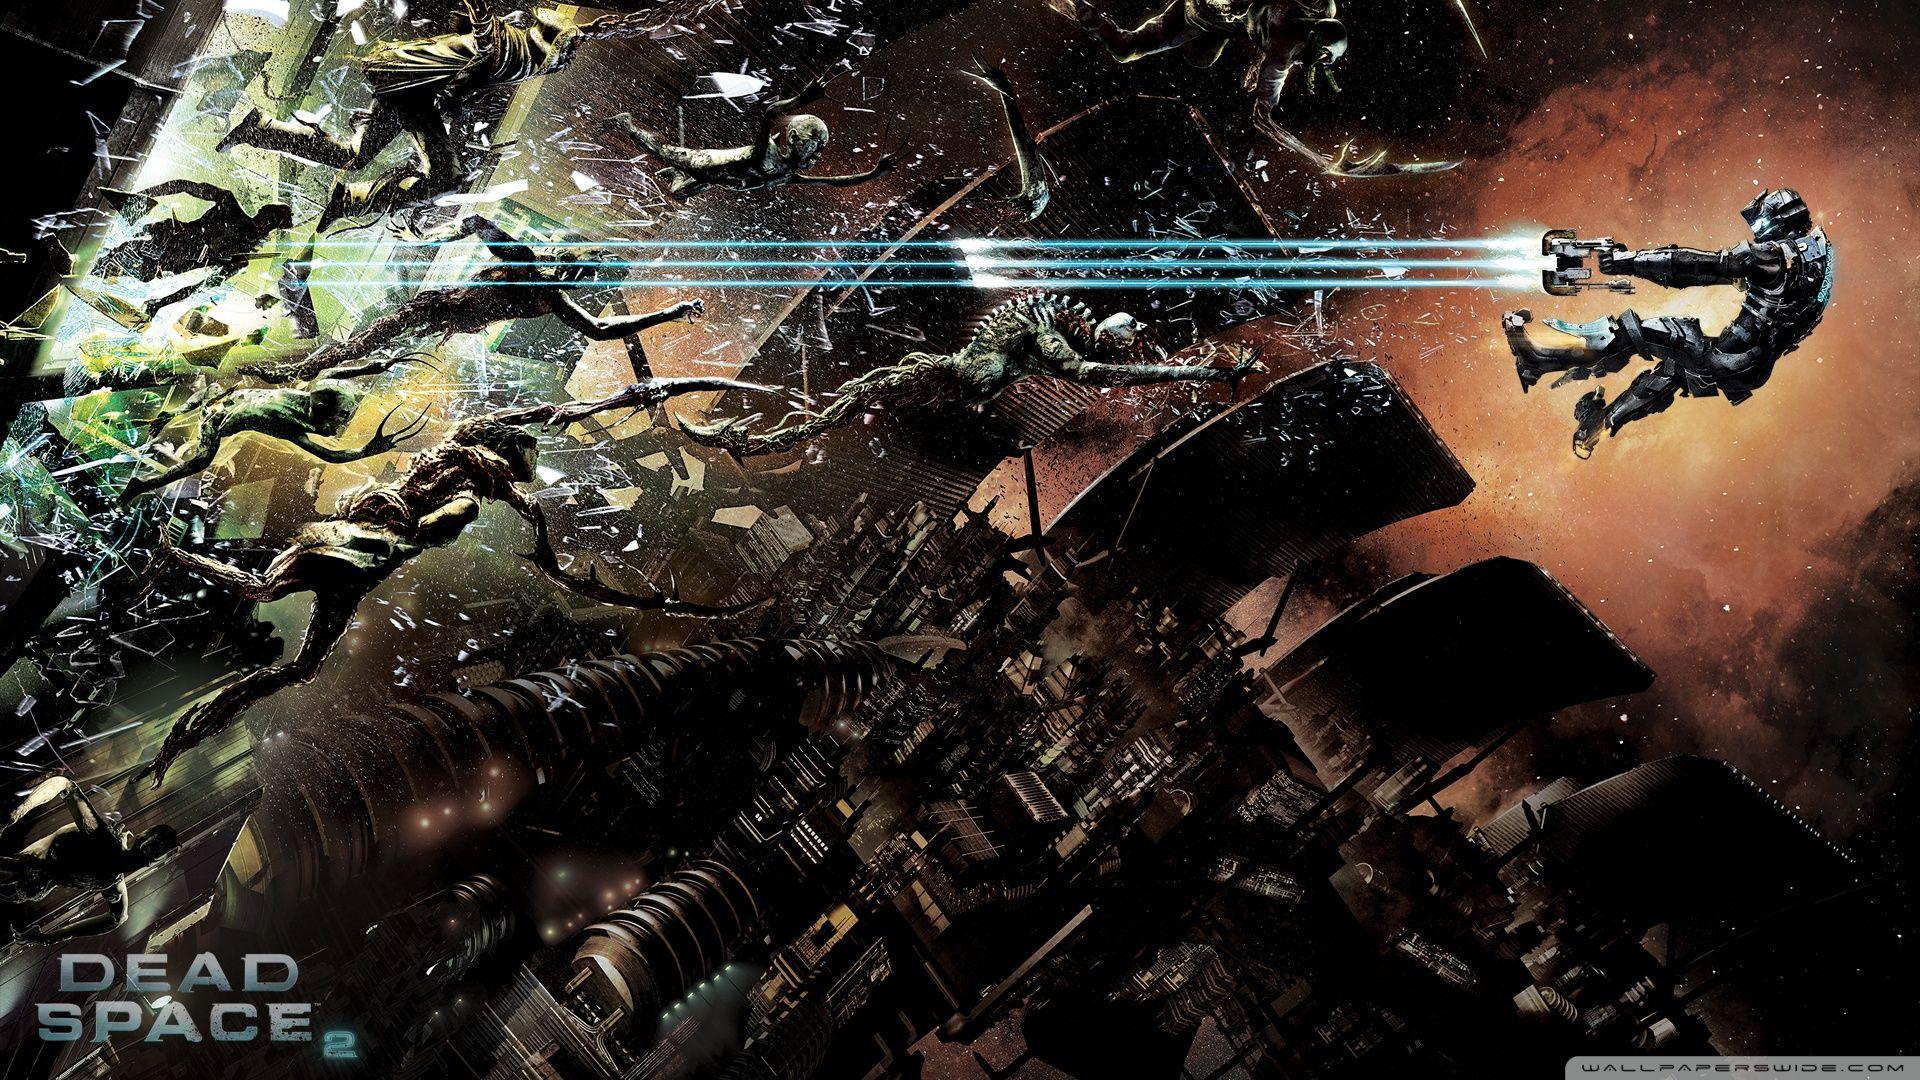 Dead Space HD desktop wallpaper Widescreen High Definition